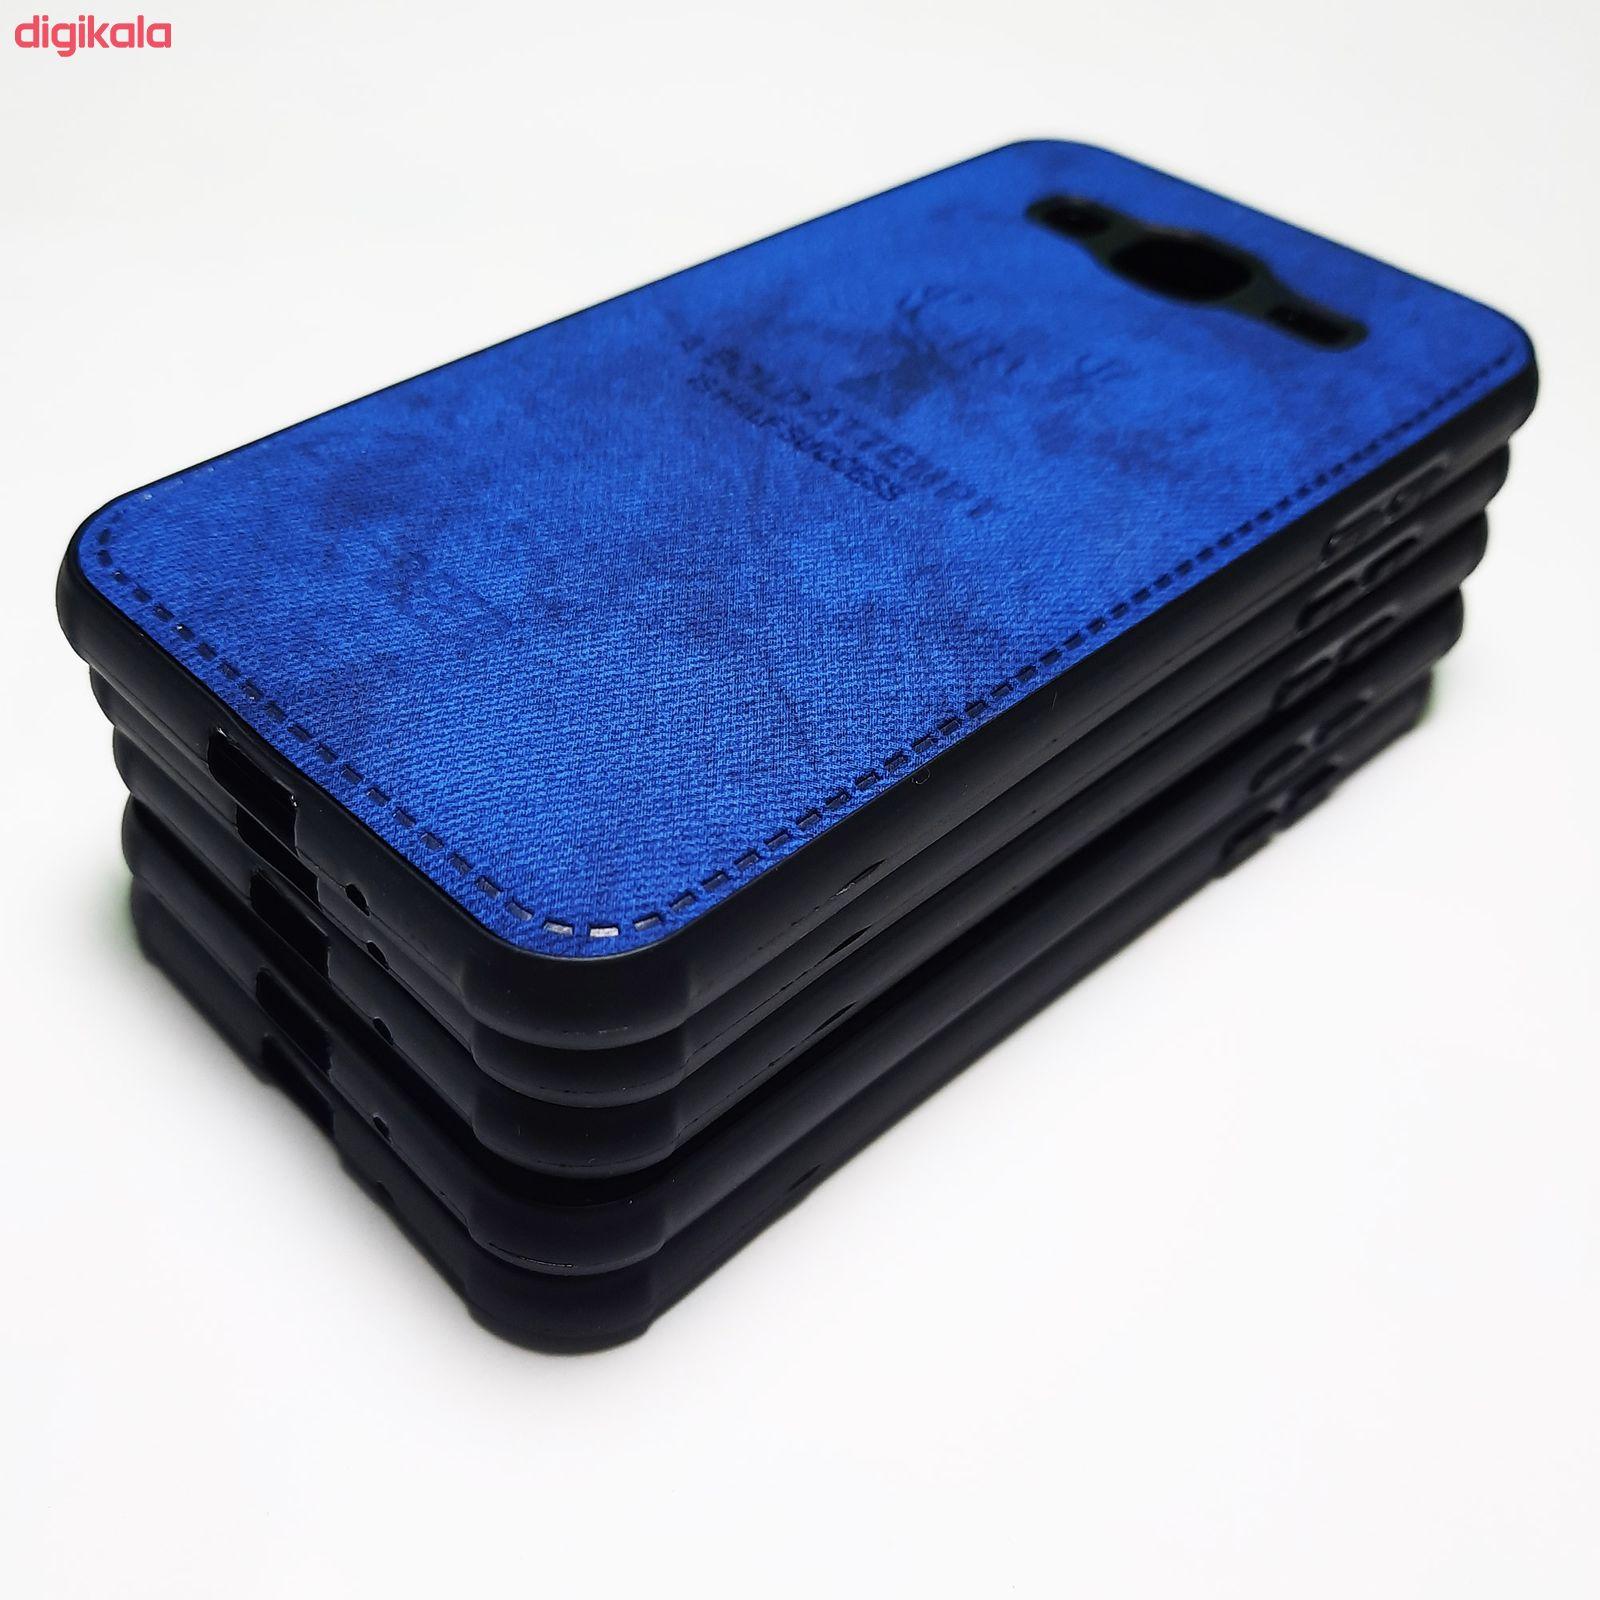 کاور مدل CO811 طرح گوزن مناسب برای گوشی موبایل سامسونگ Galaxy J2 Prime / G530 / Grand Prime main 1 5